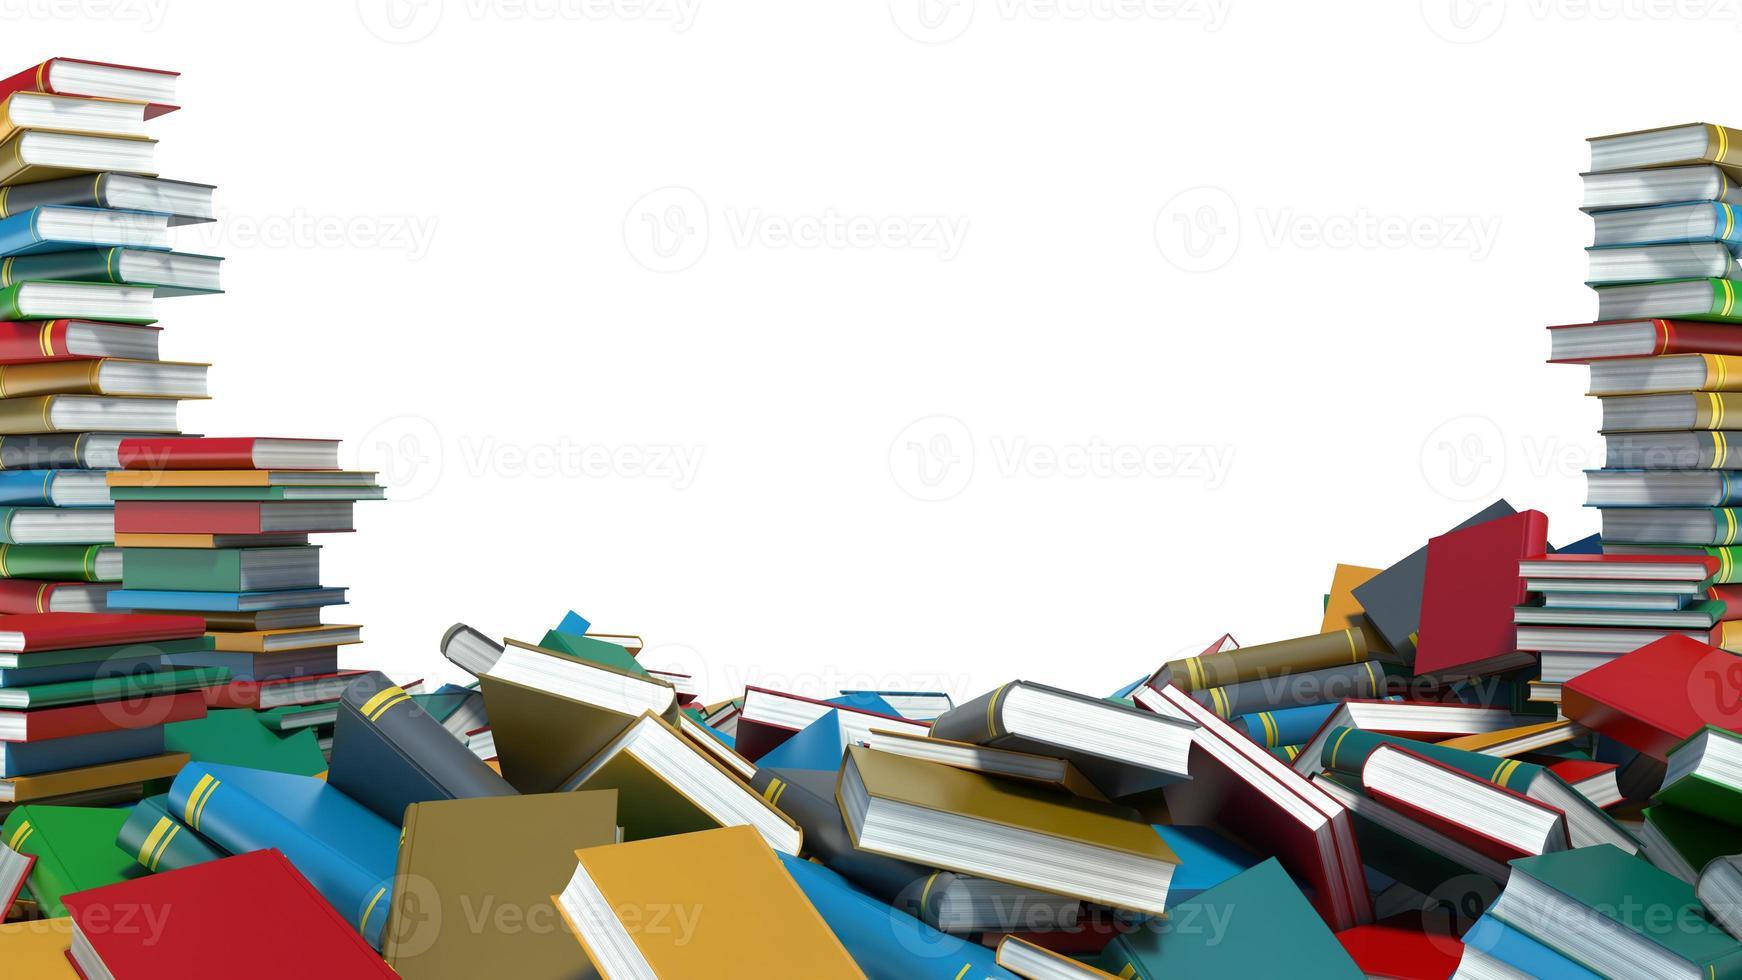 Stapel bunter Bücher auf weißem Hintergrund foto